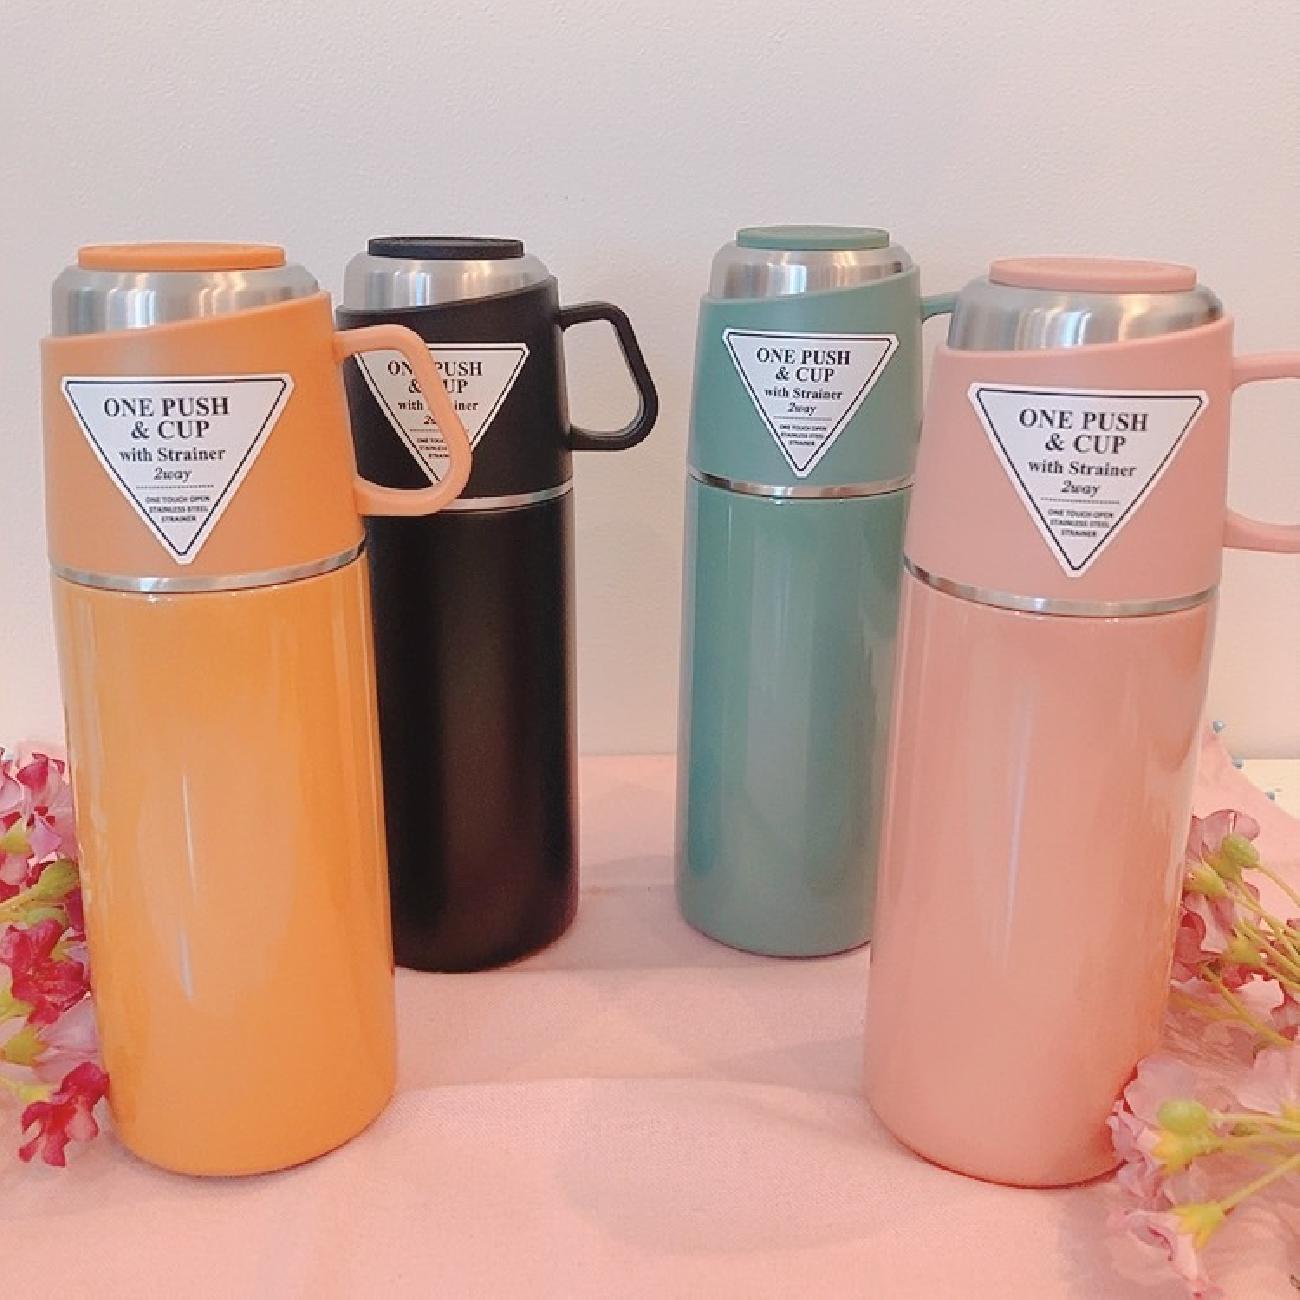 水筒/ボトル/マグボトル/2WAY/ワンタッチ/ワンプッシュ/お茶/紅茶/コーヒー/保温/保冷/機能的